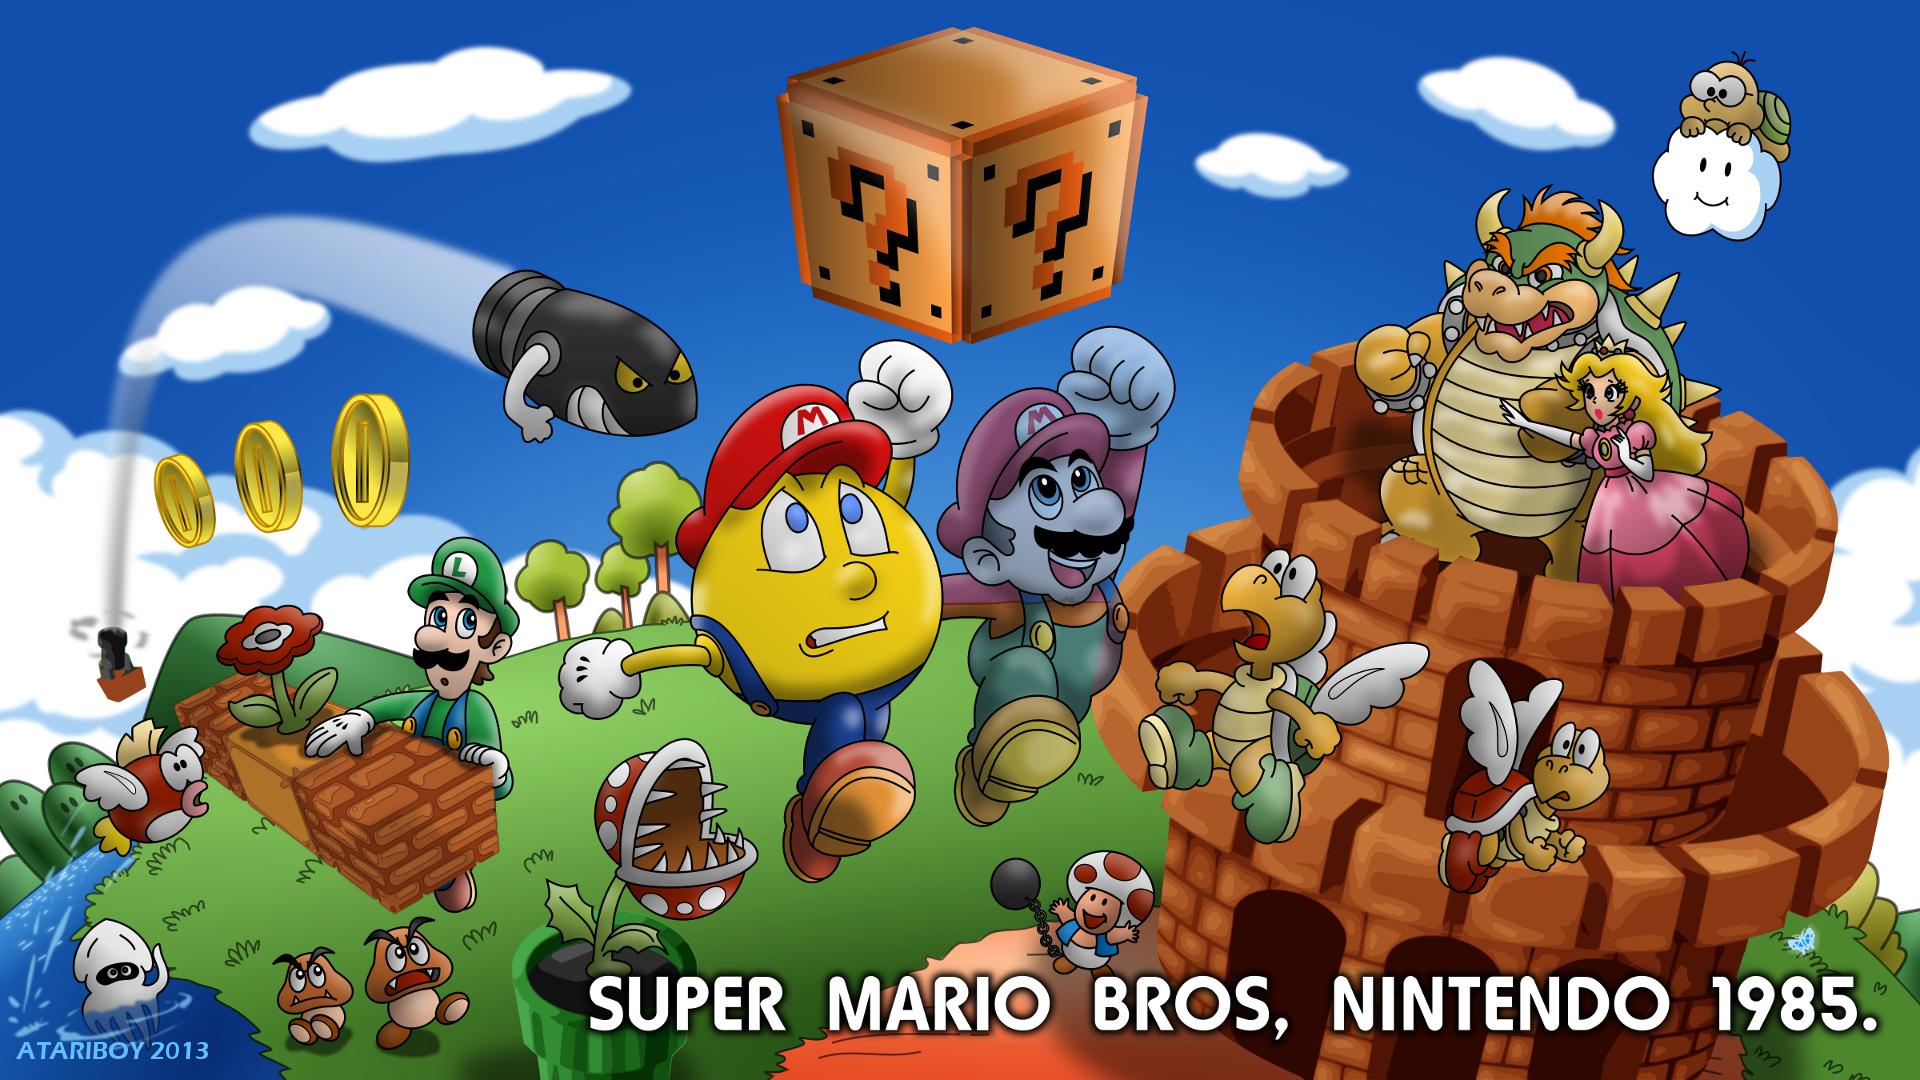 Pacman Fanfic - Super Mario Bros 1985. by Atariboy2600